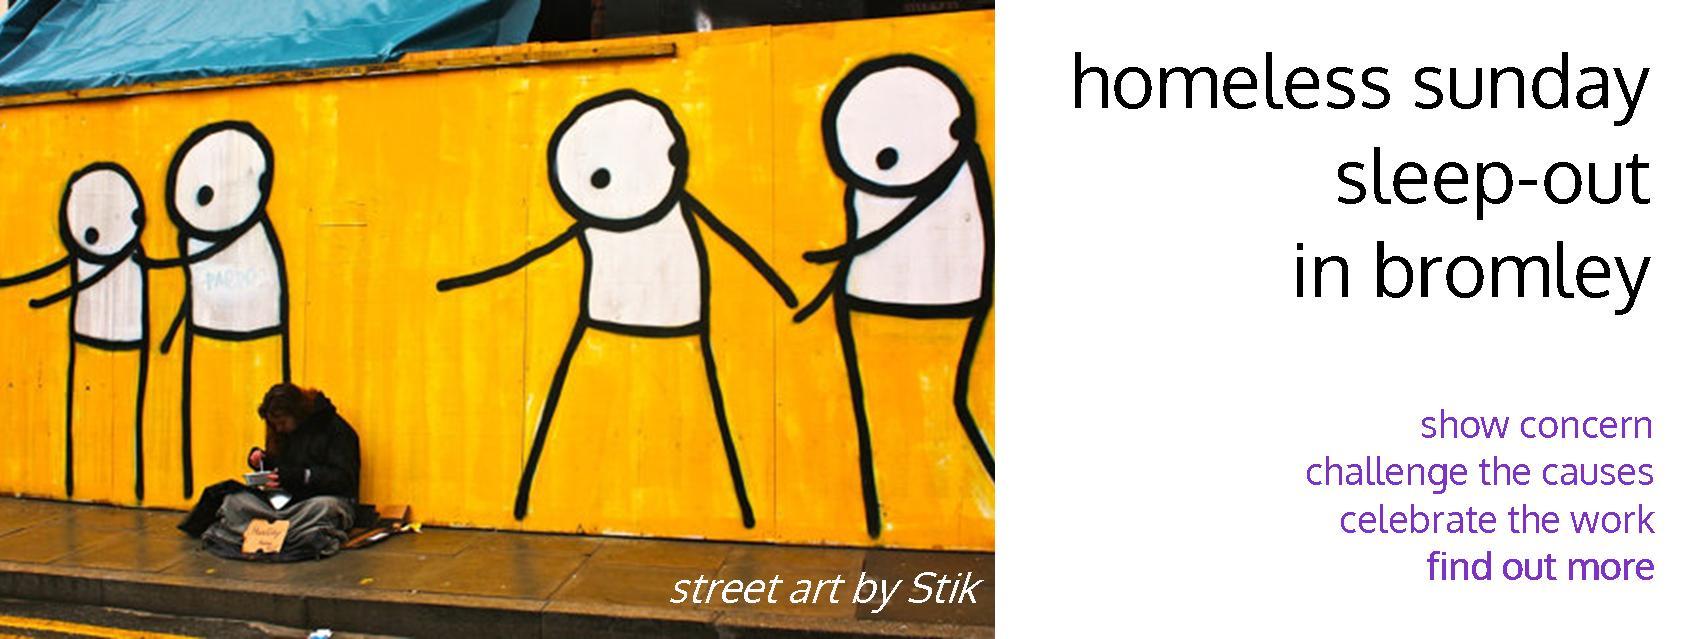 Homeless Sunday - art by Stik